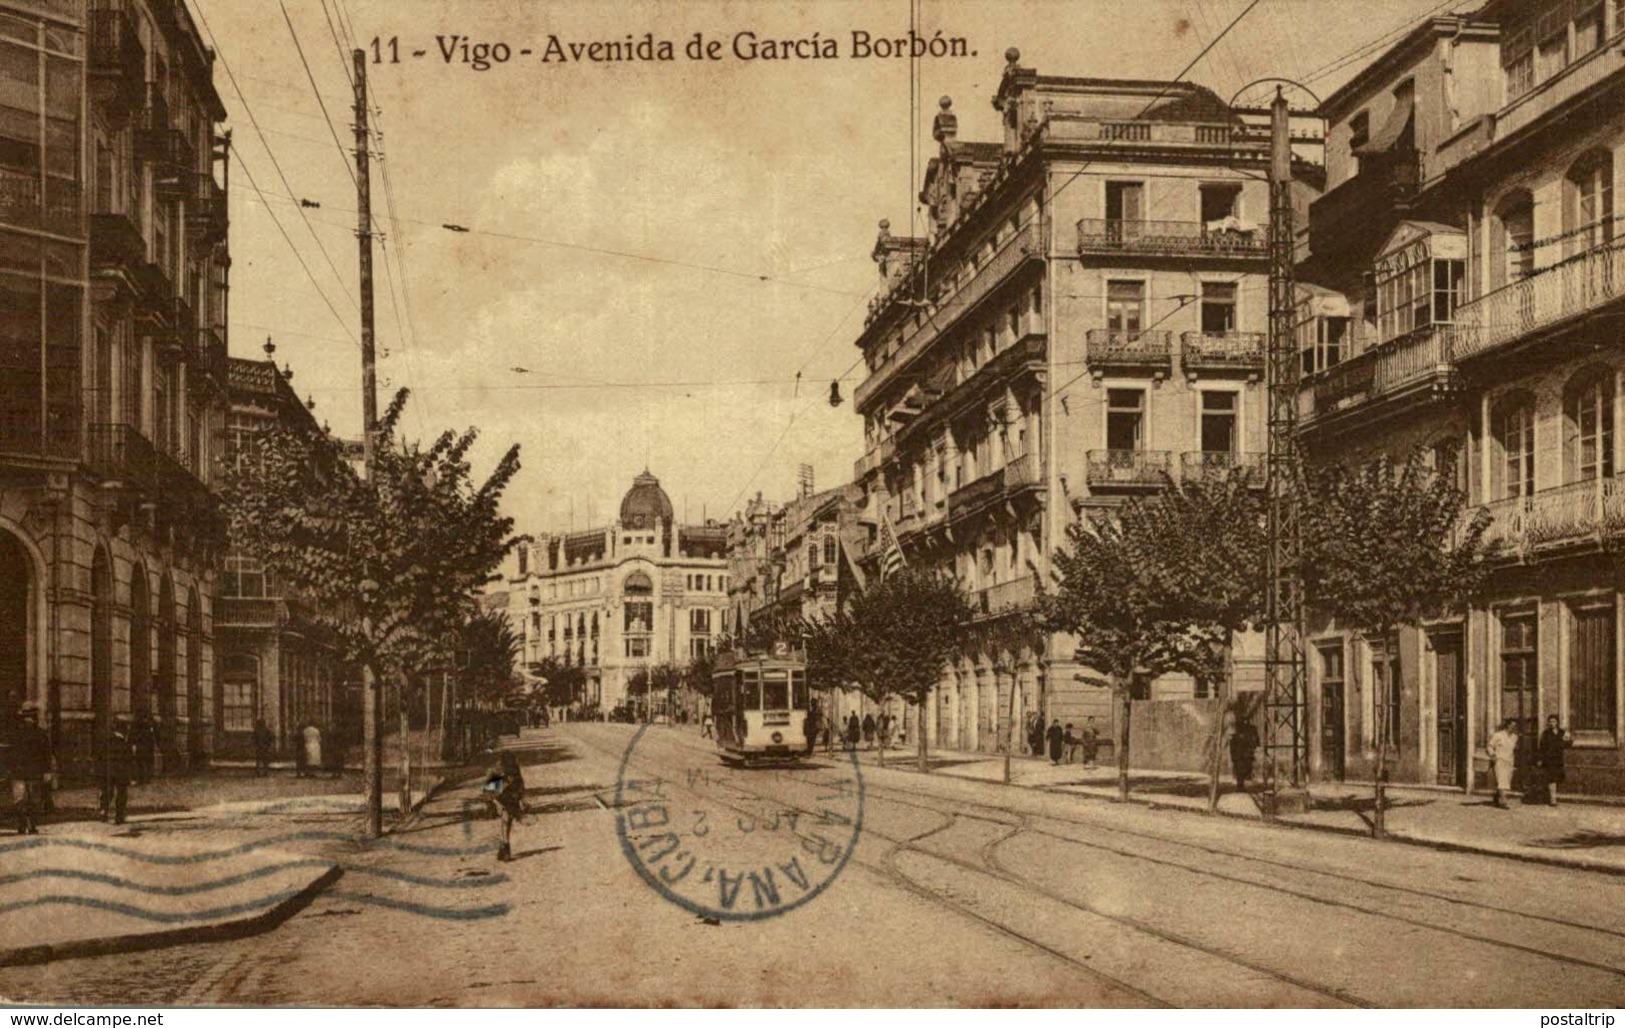 VIGO AVENIDA DE GARCIA BORBON - La Coruña